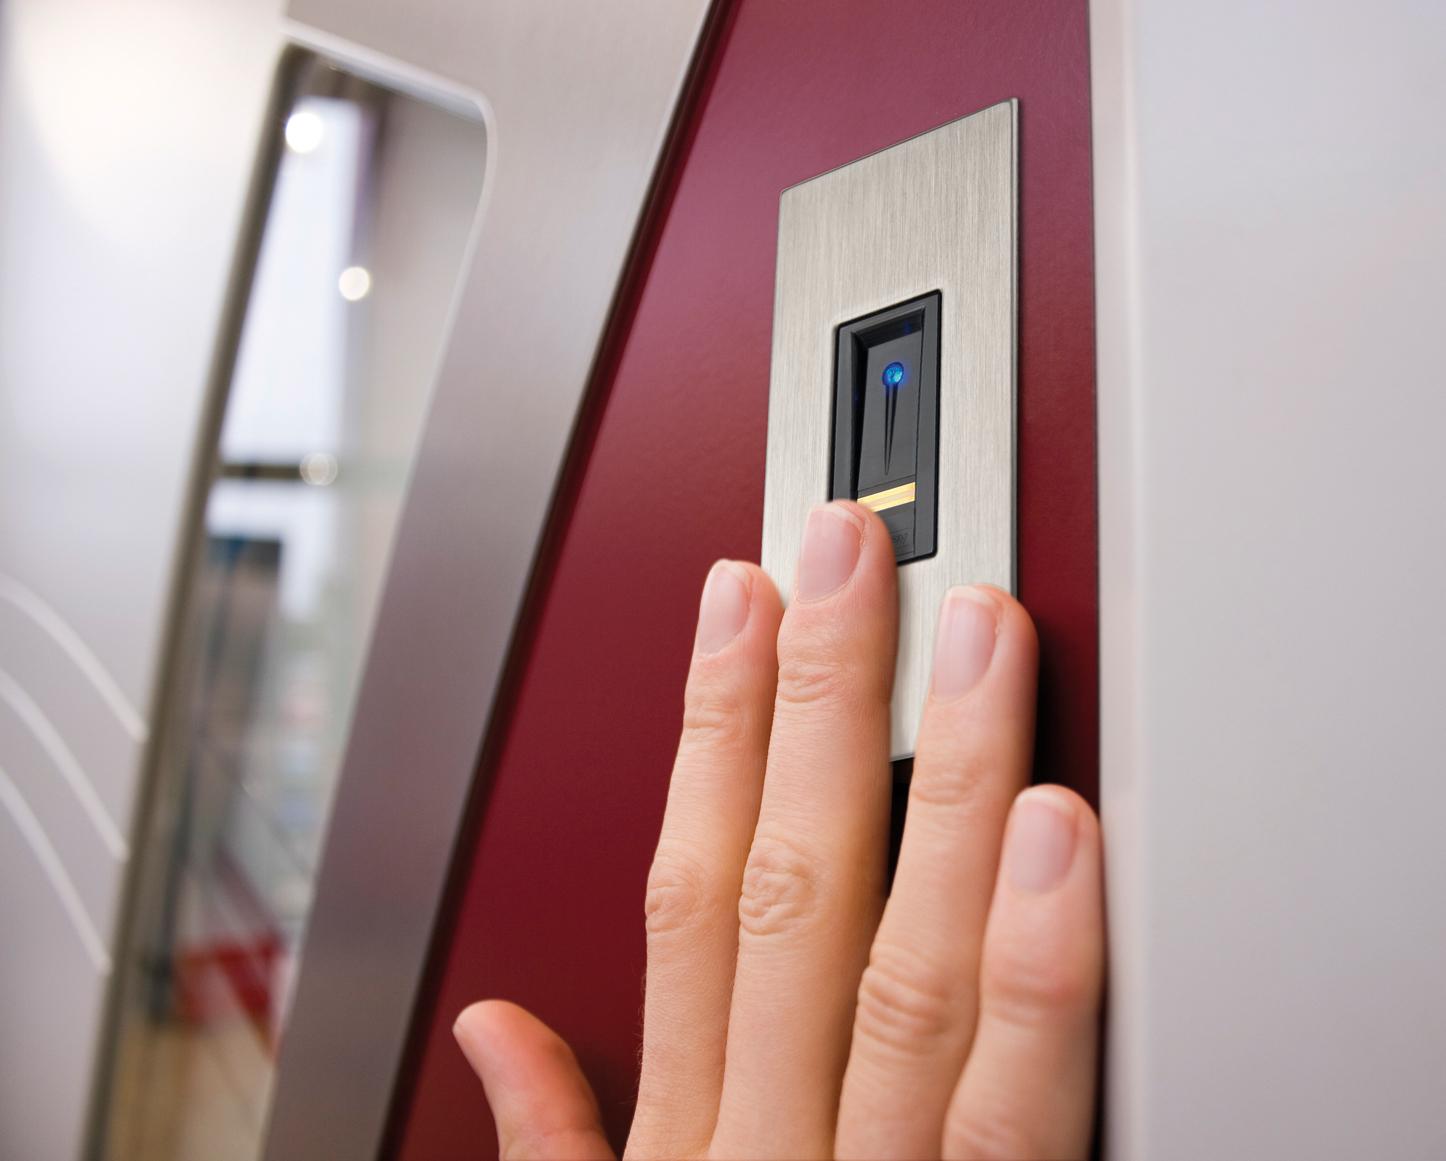 Sicher ist sicher (I): Biometrische Schließsysteme für das Haus